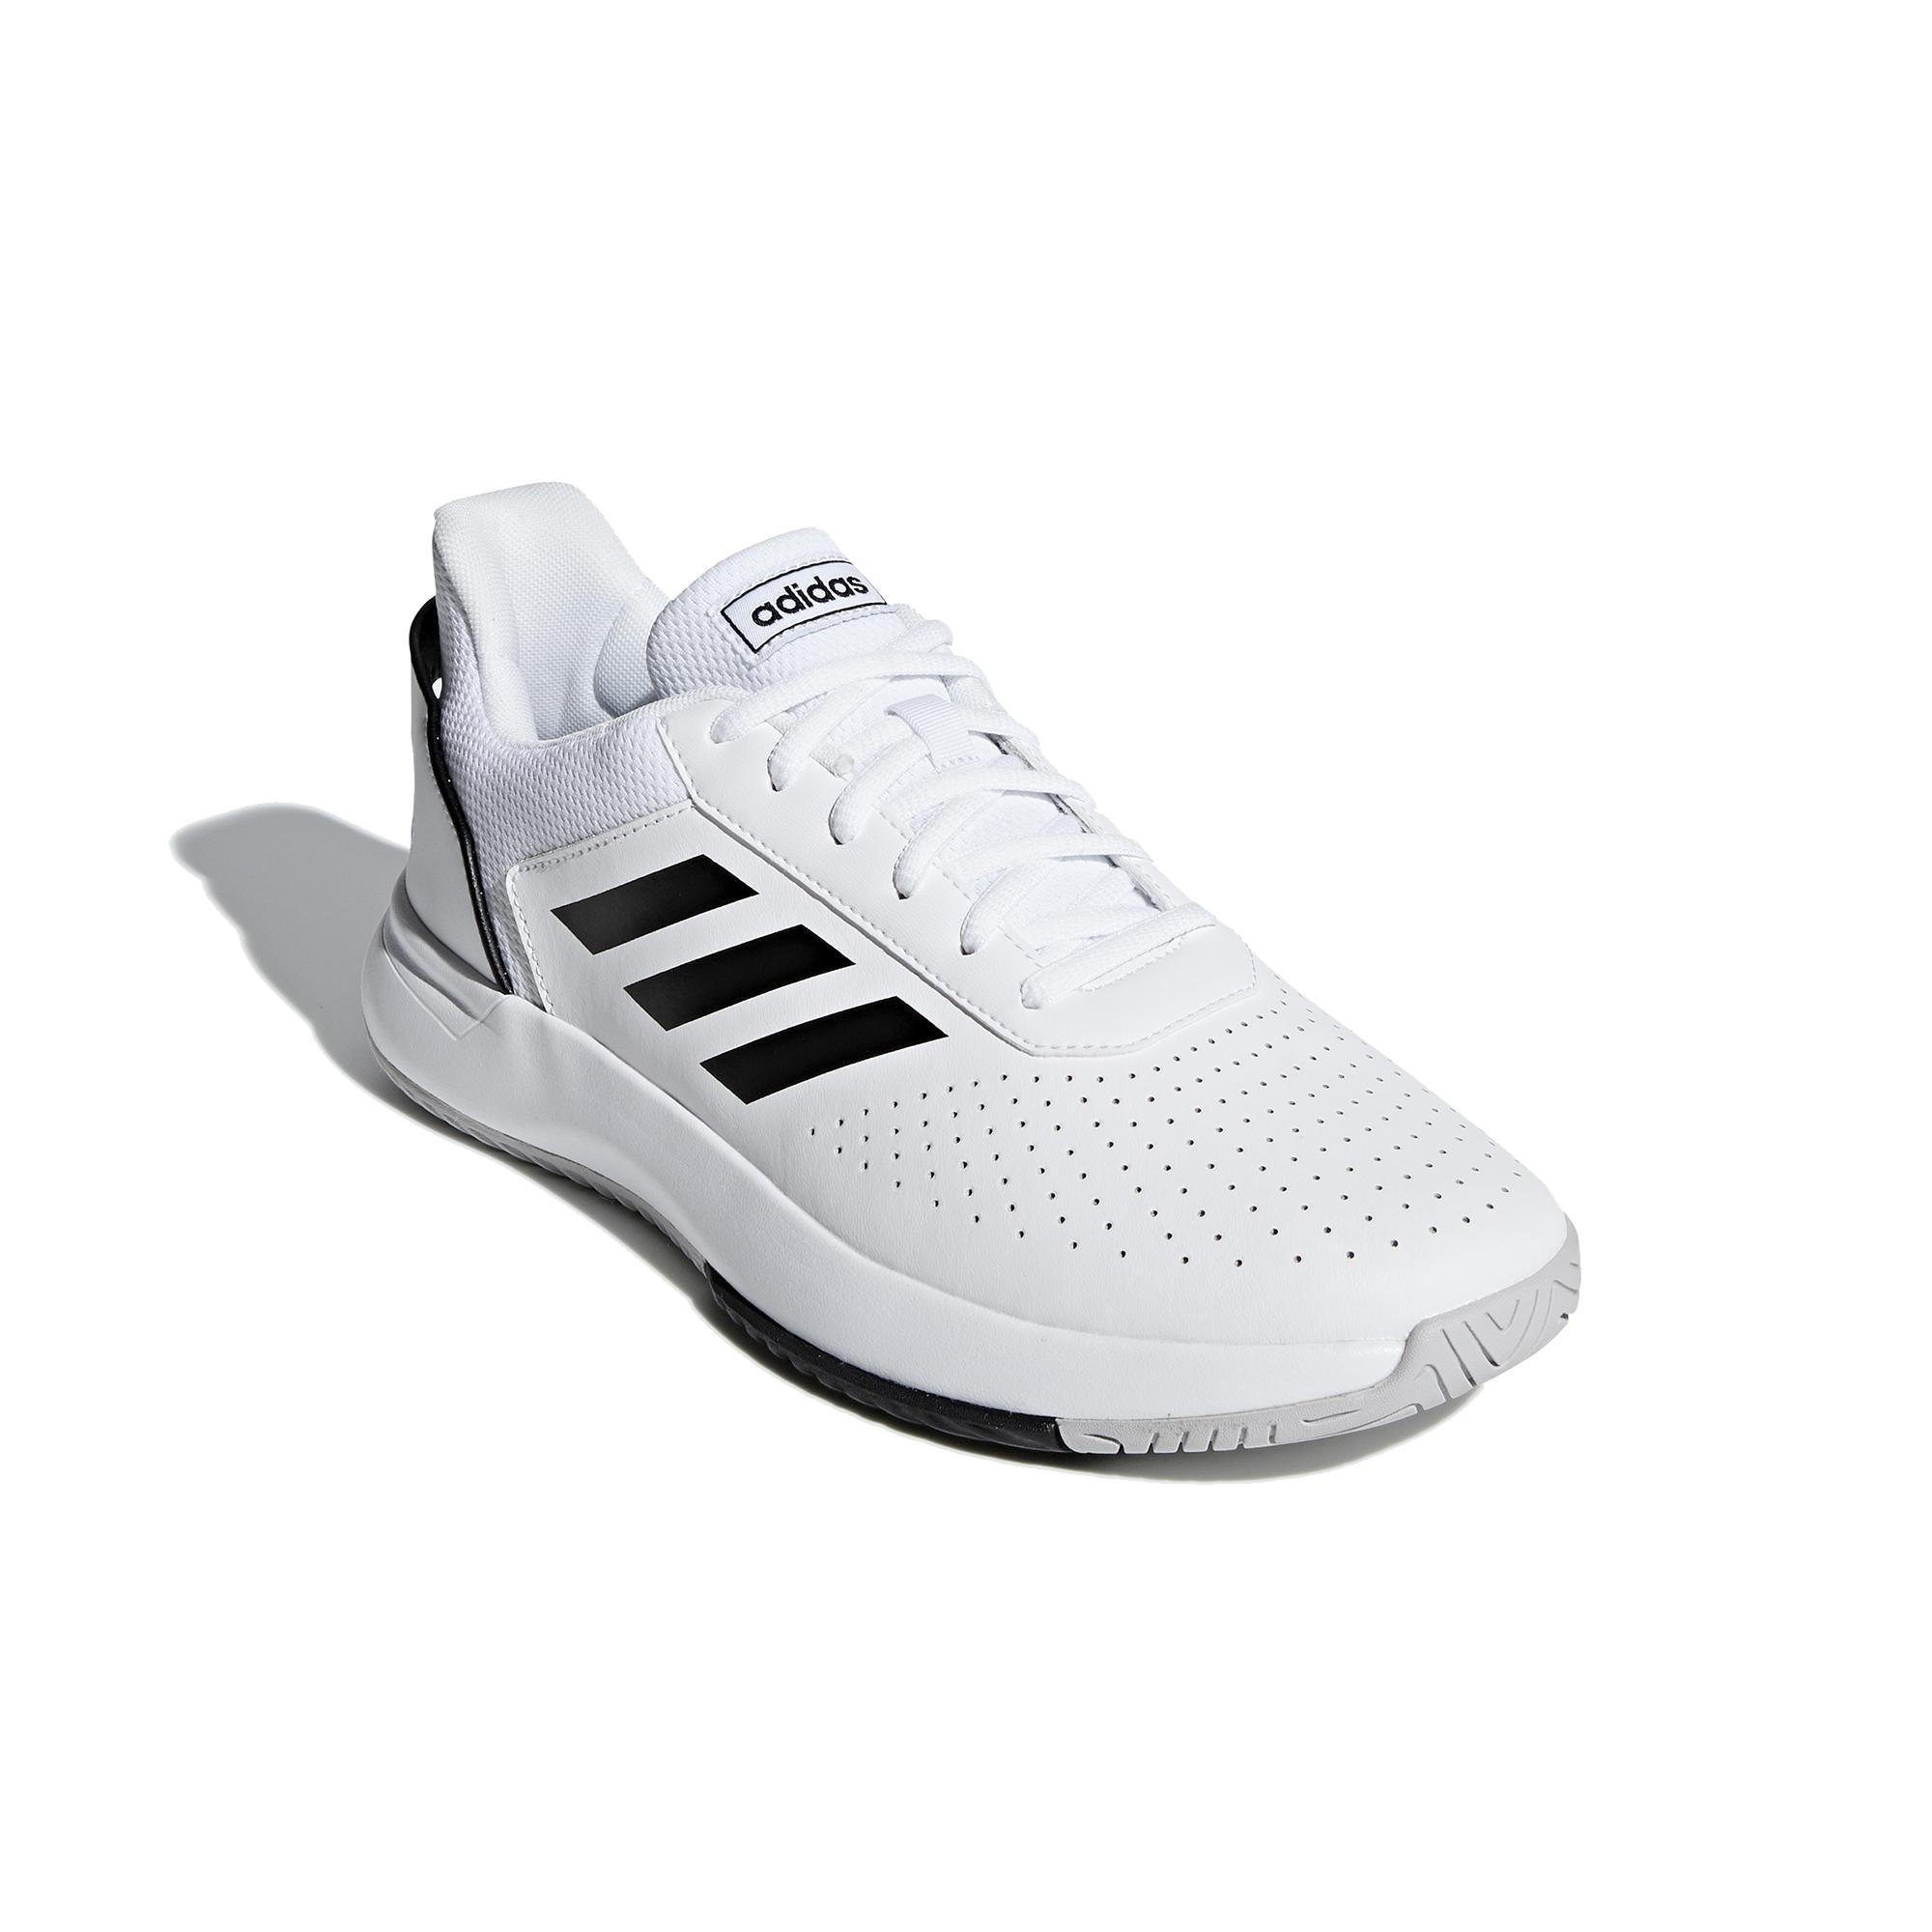 scarpe adidas uomo tennis